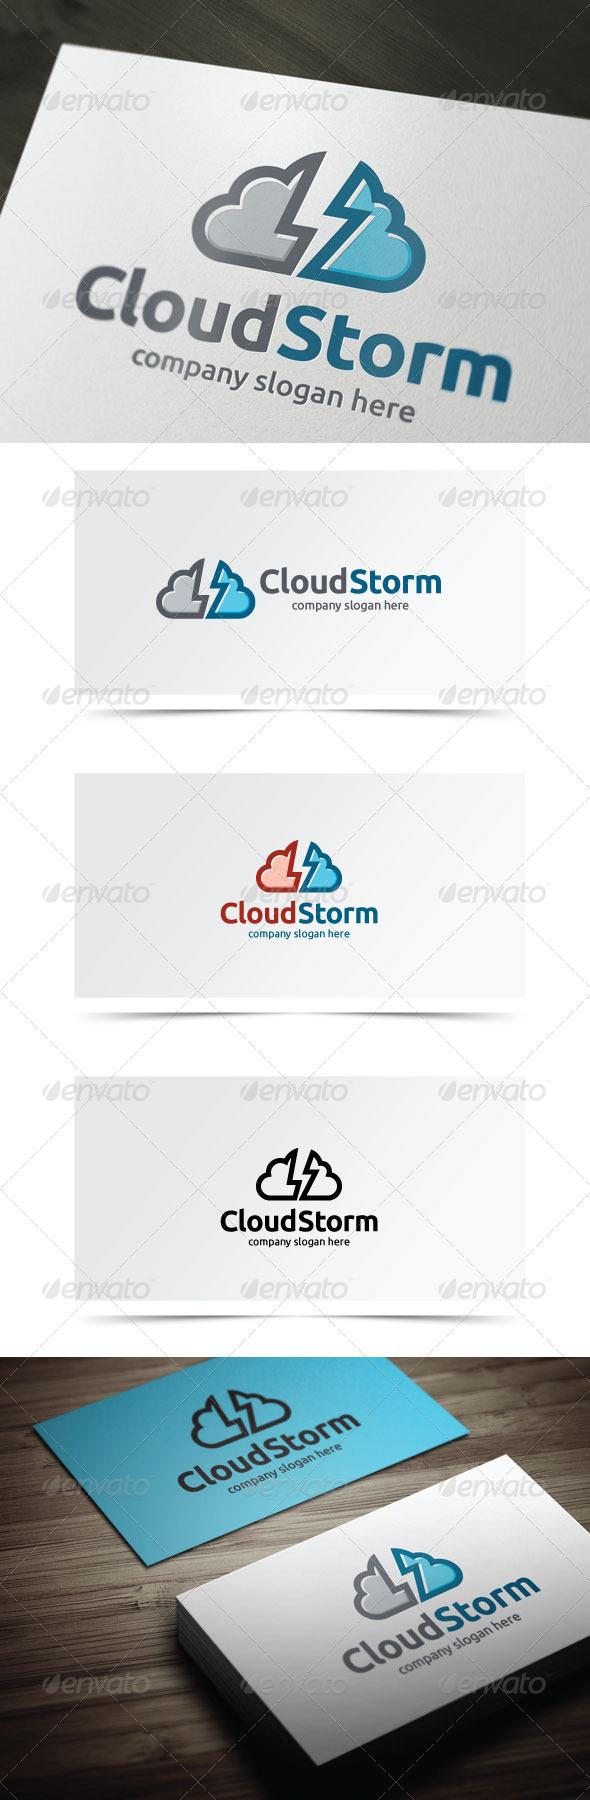 GraphicRiver Cloud Storm 7423816